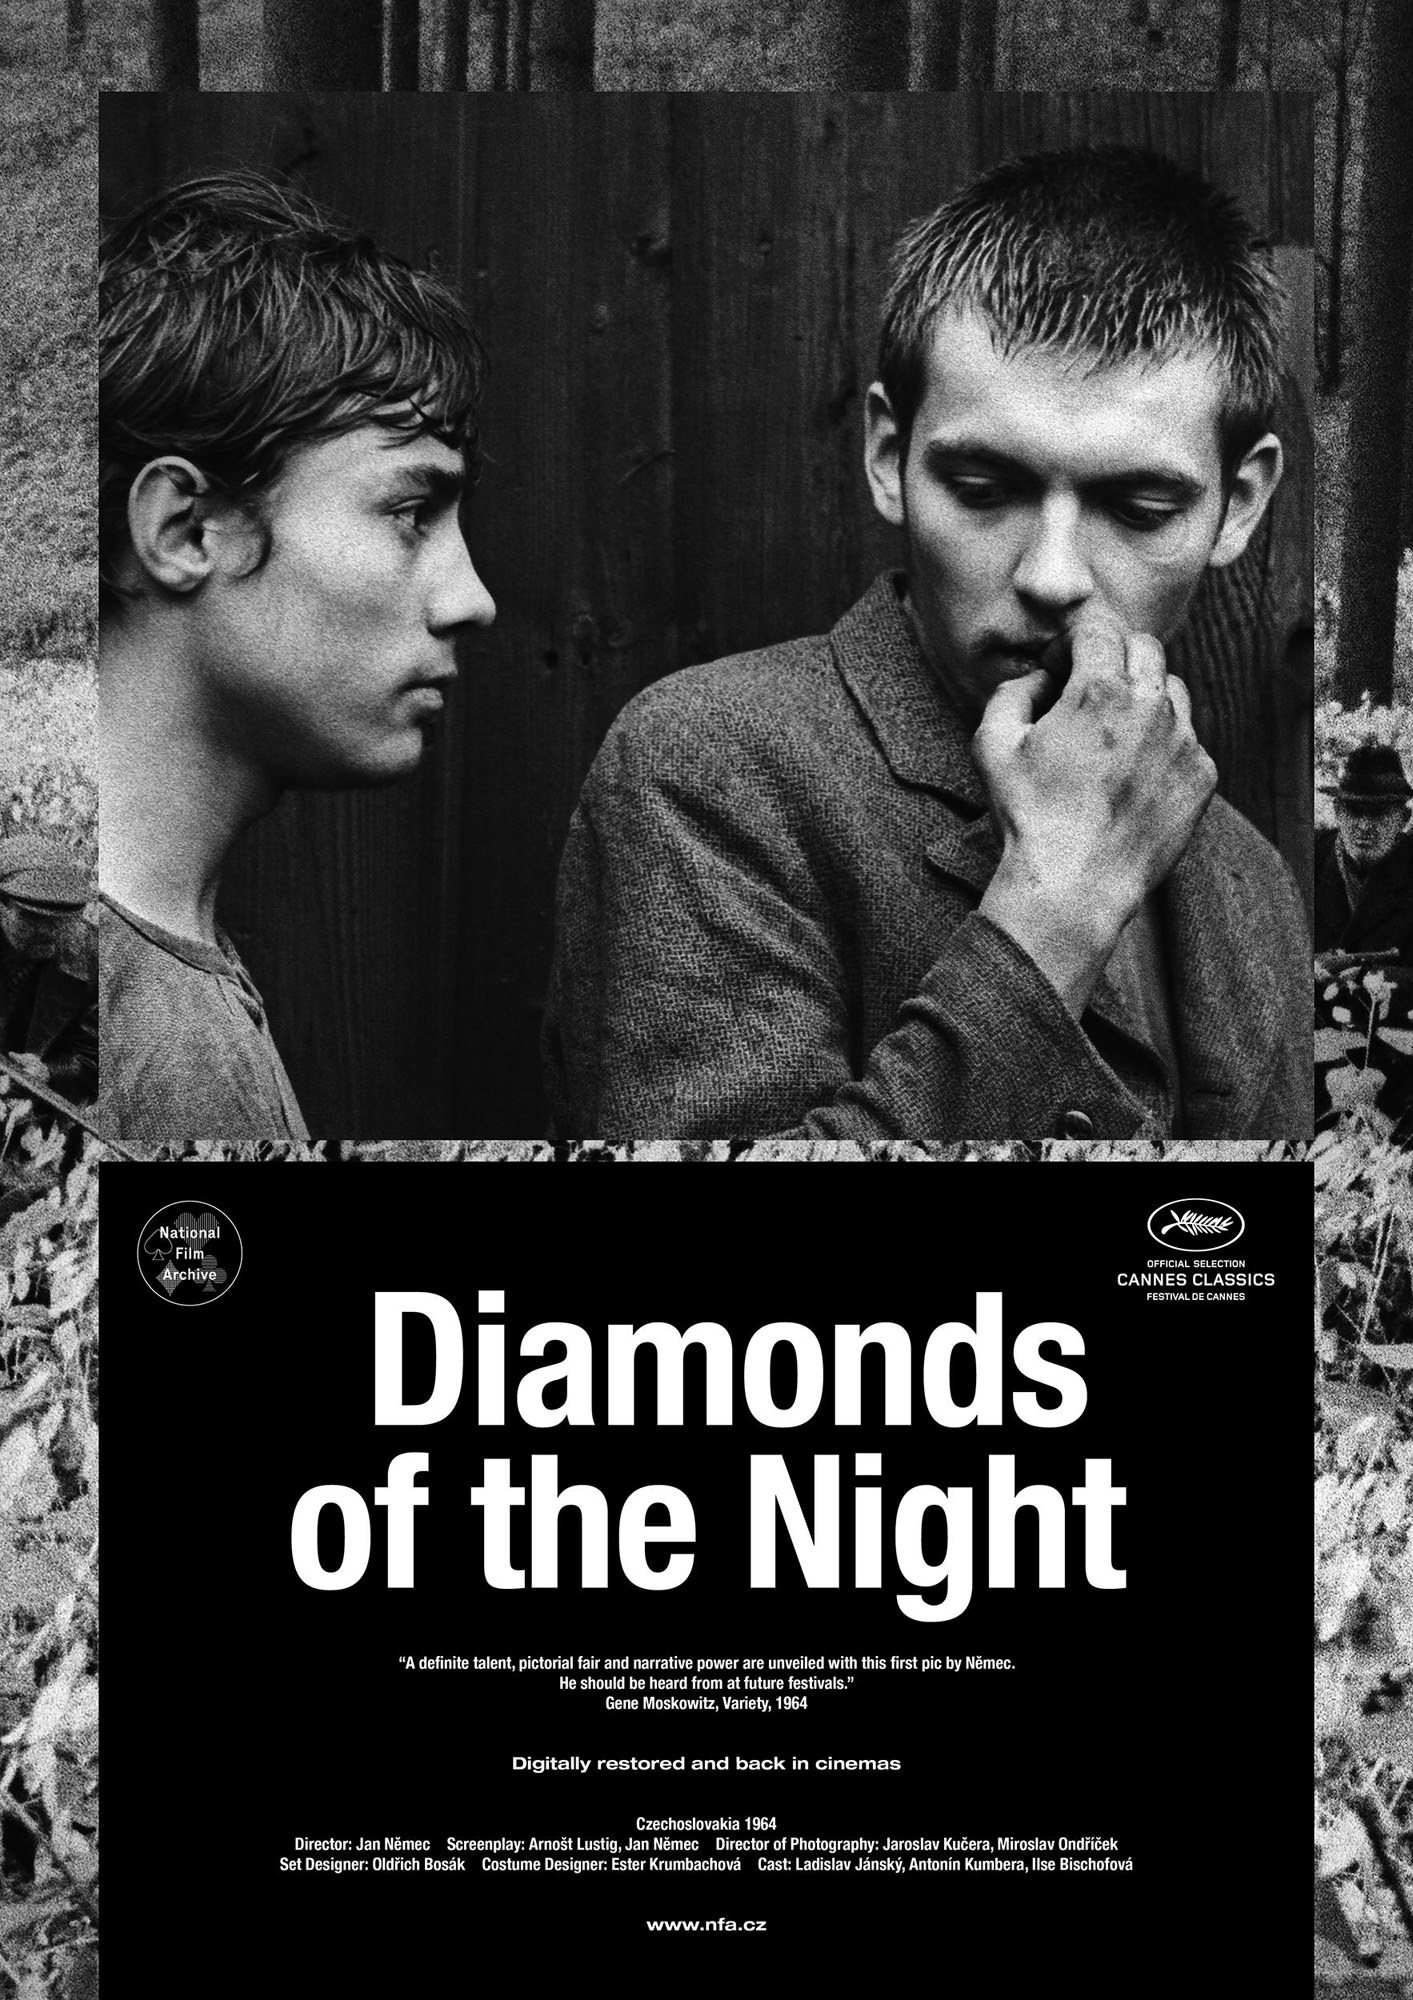 Les Diamants de la nuit - Affiche Cannes Classics 2018